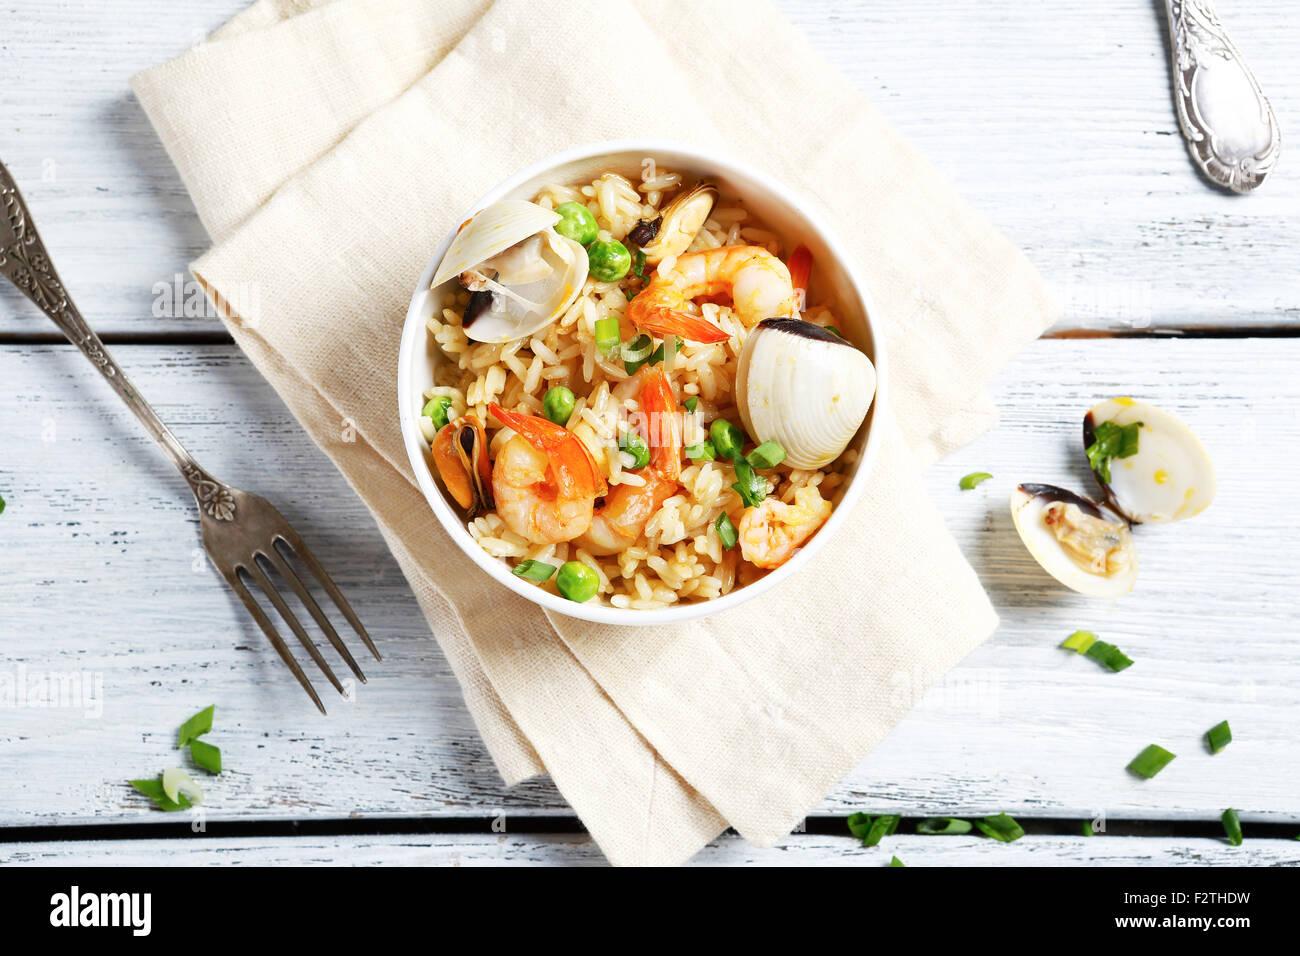 Alimentando il riso con gamberi e cozze, cibo Immagini Stock